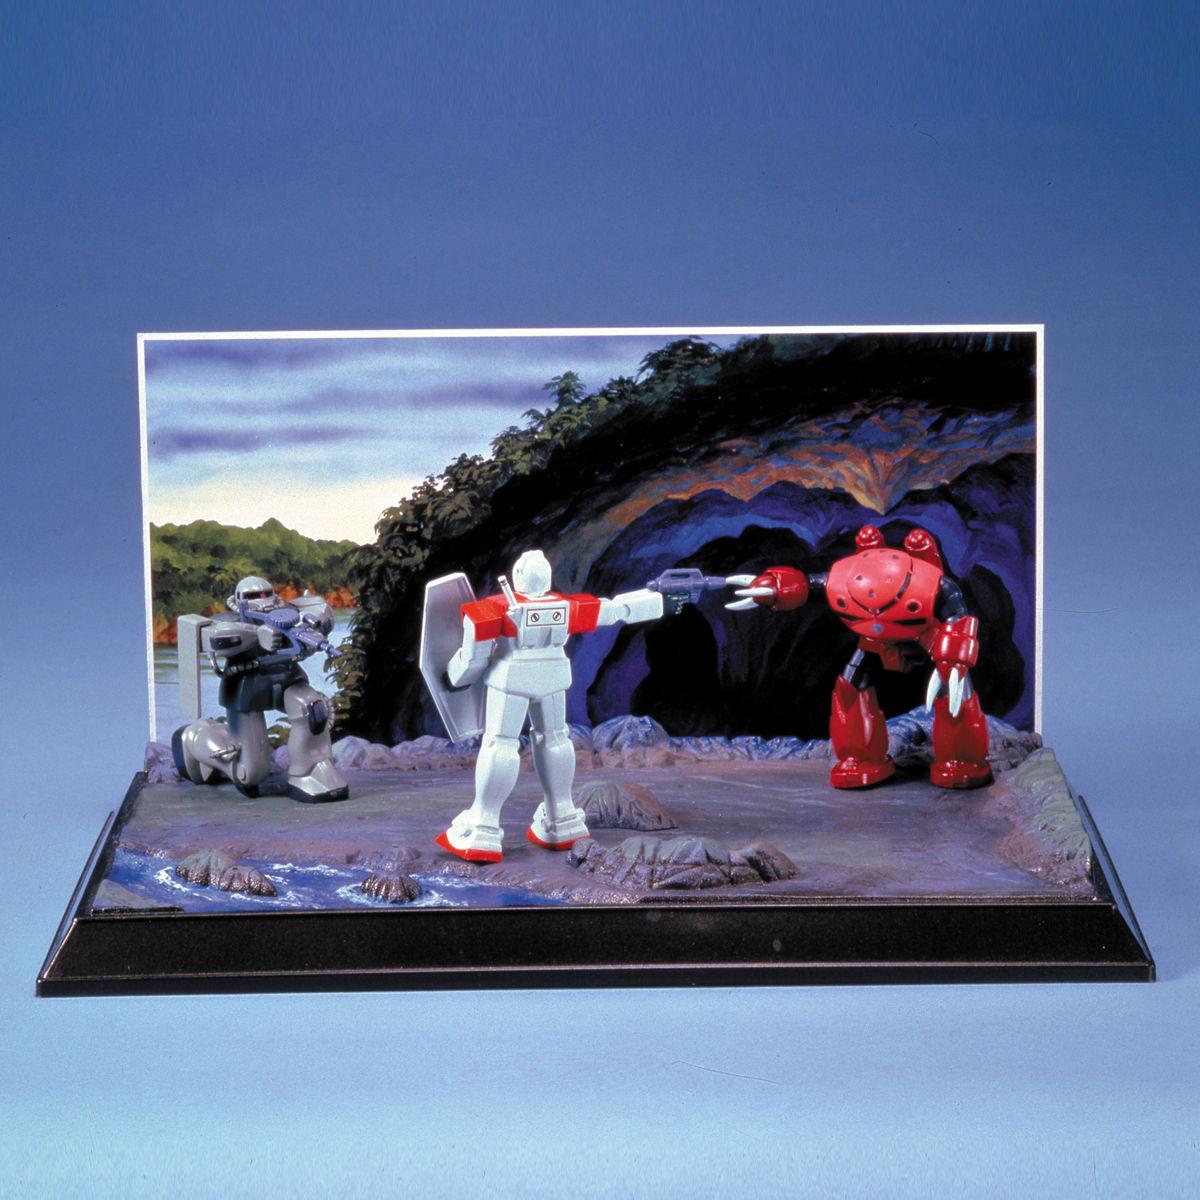 旧キット ガンダム情景模型 1/250 B ジャブローに散る [Diorama sets A Downfall in Jaburo]